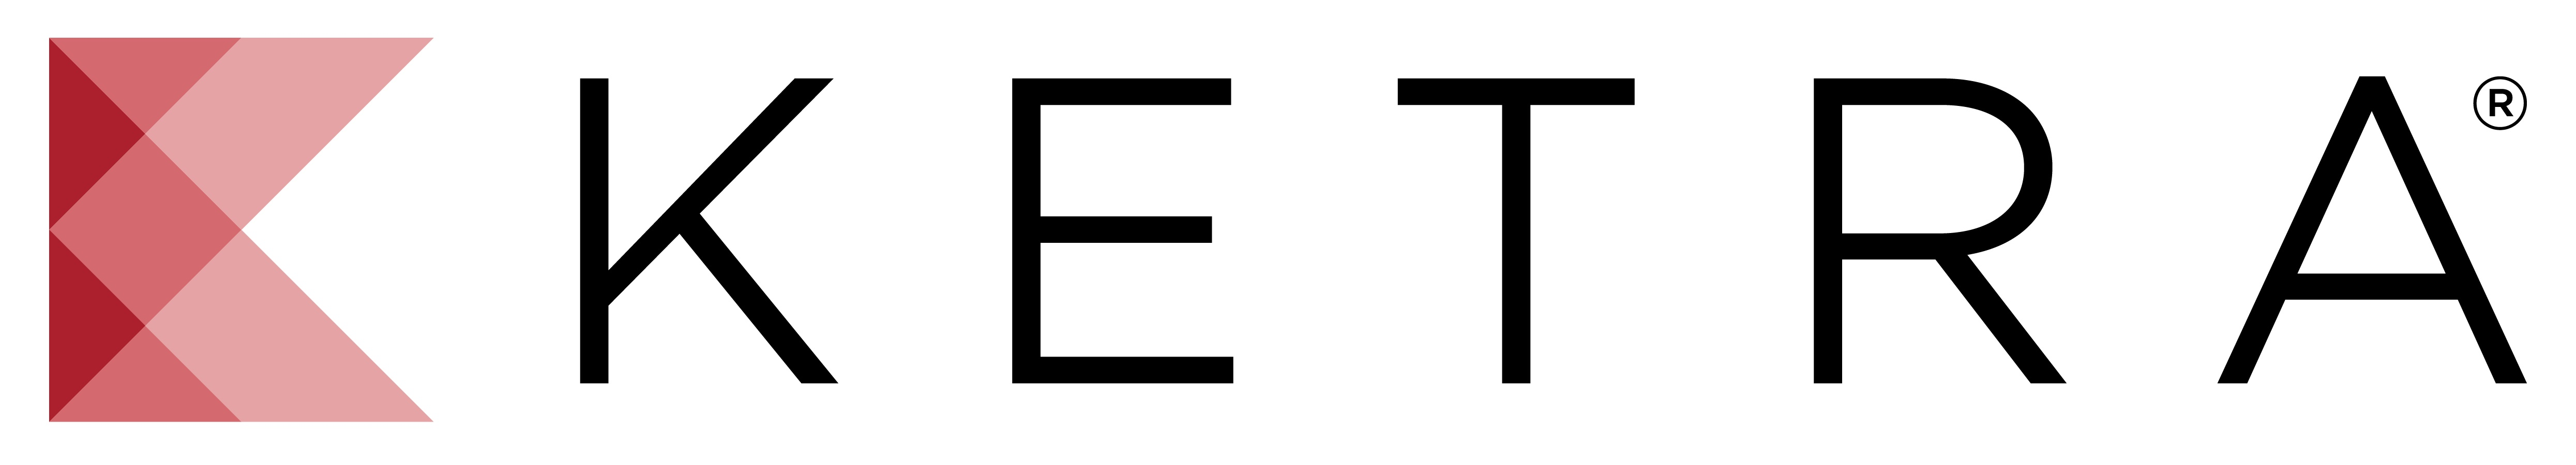 KETRA